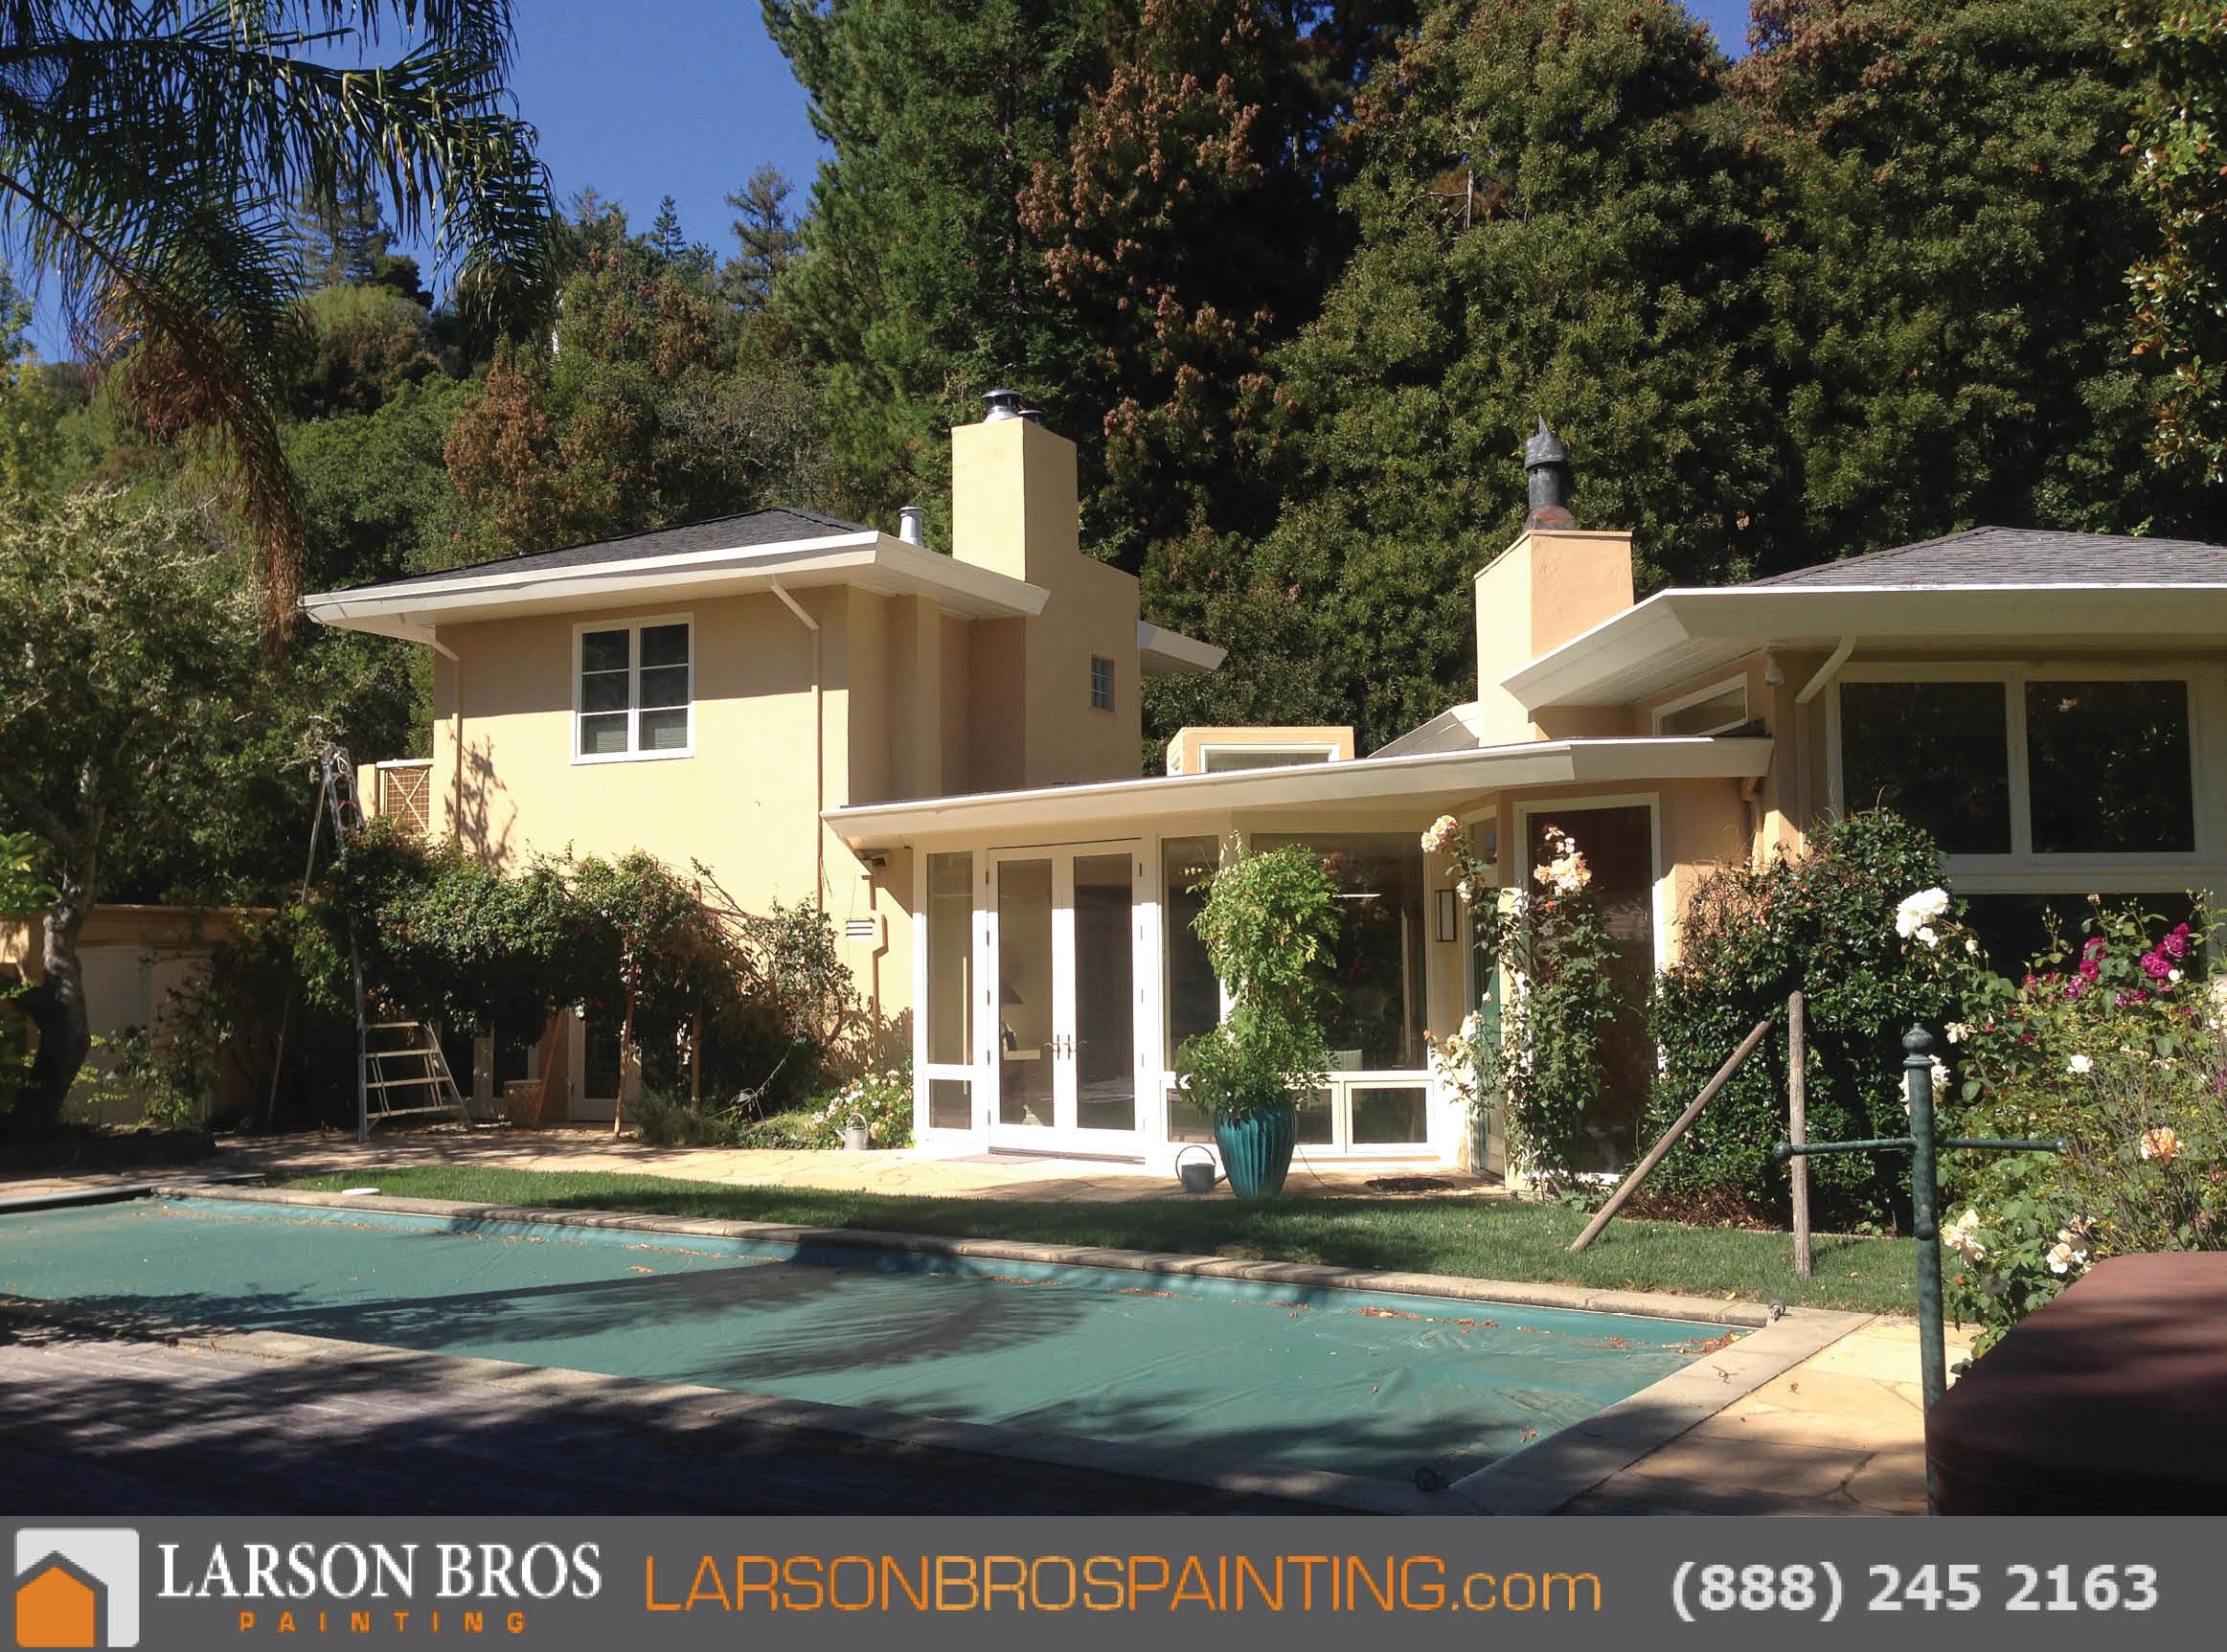 Marin house painter